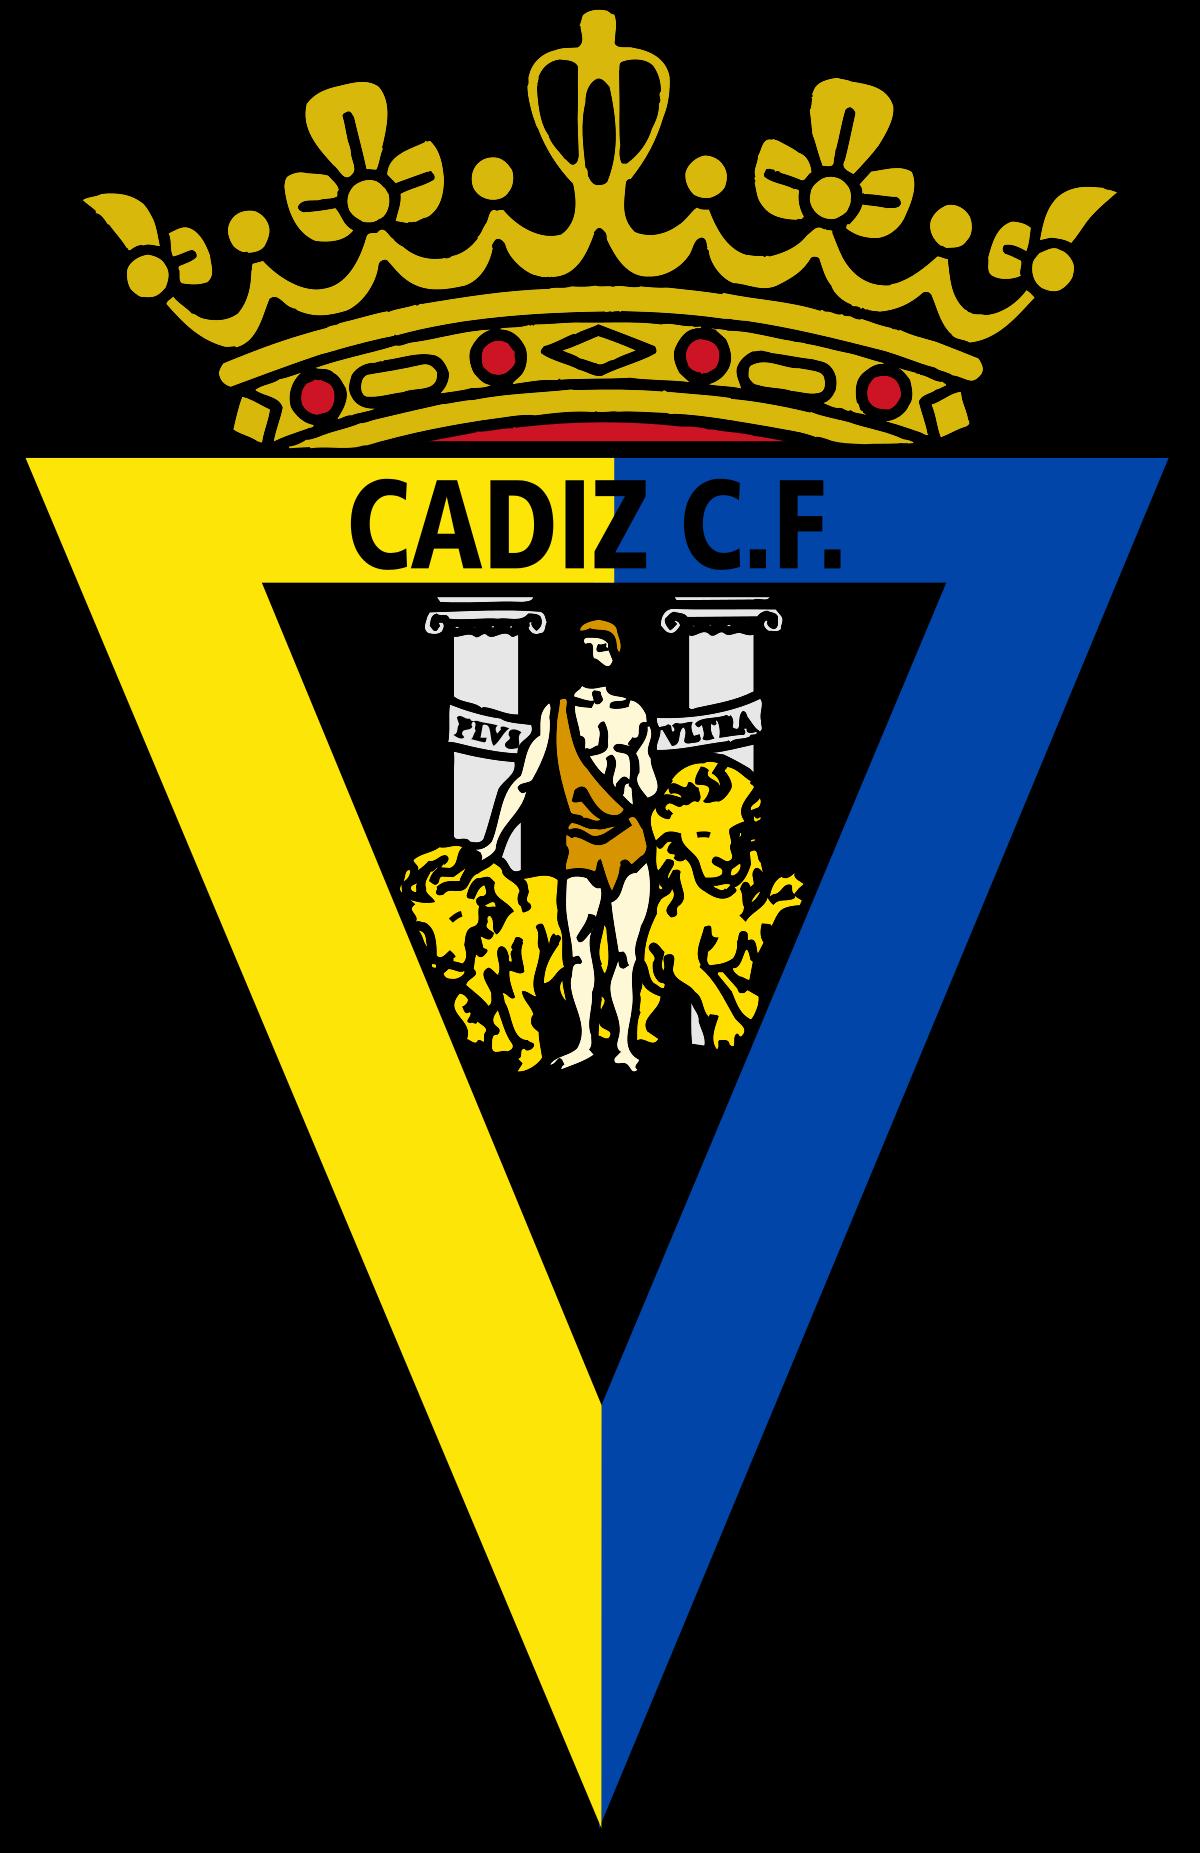 Cadiz-2 logo